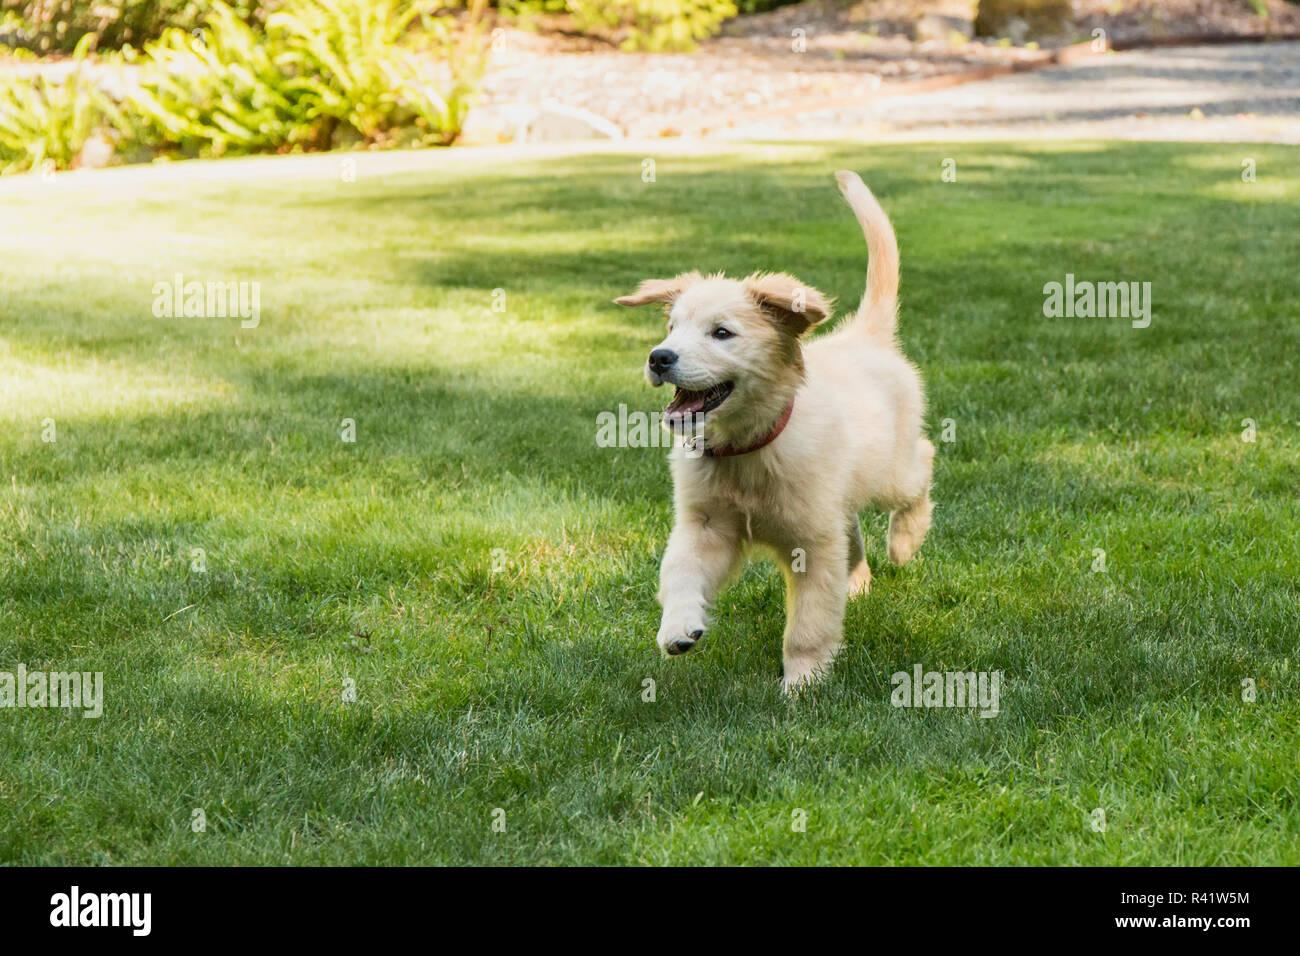 Issaquah Washington State Usa Golden Retriever Puppy Running In